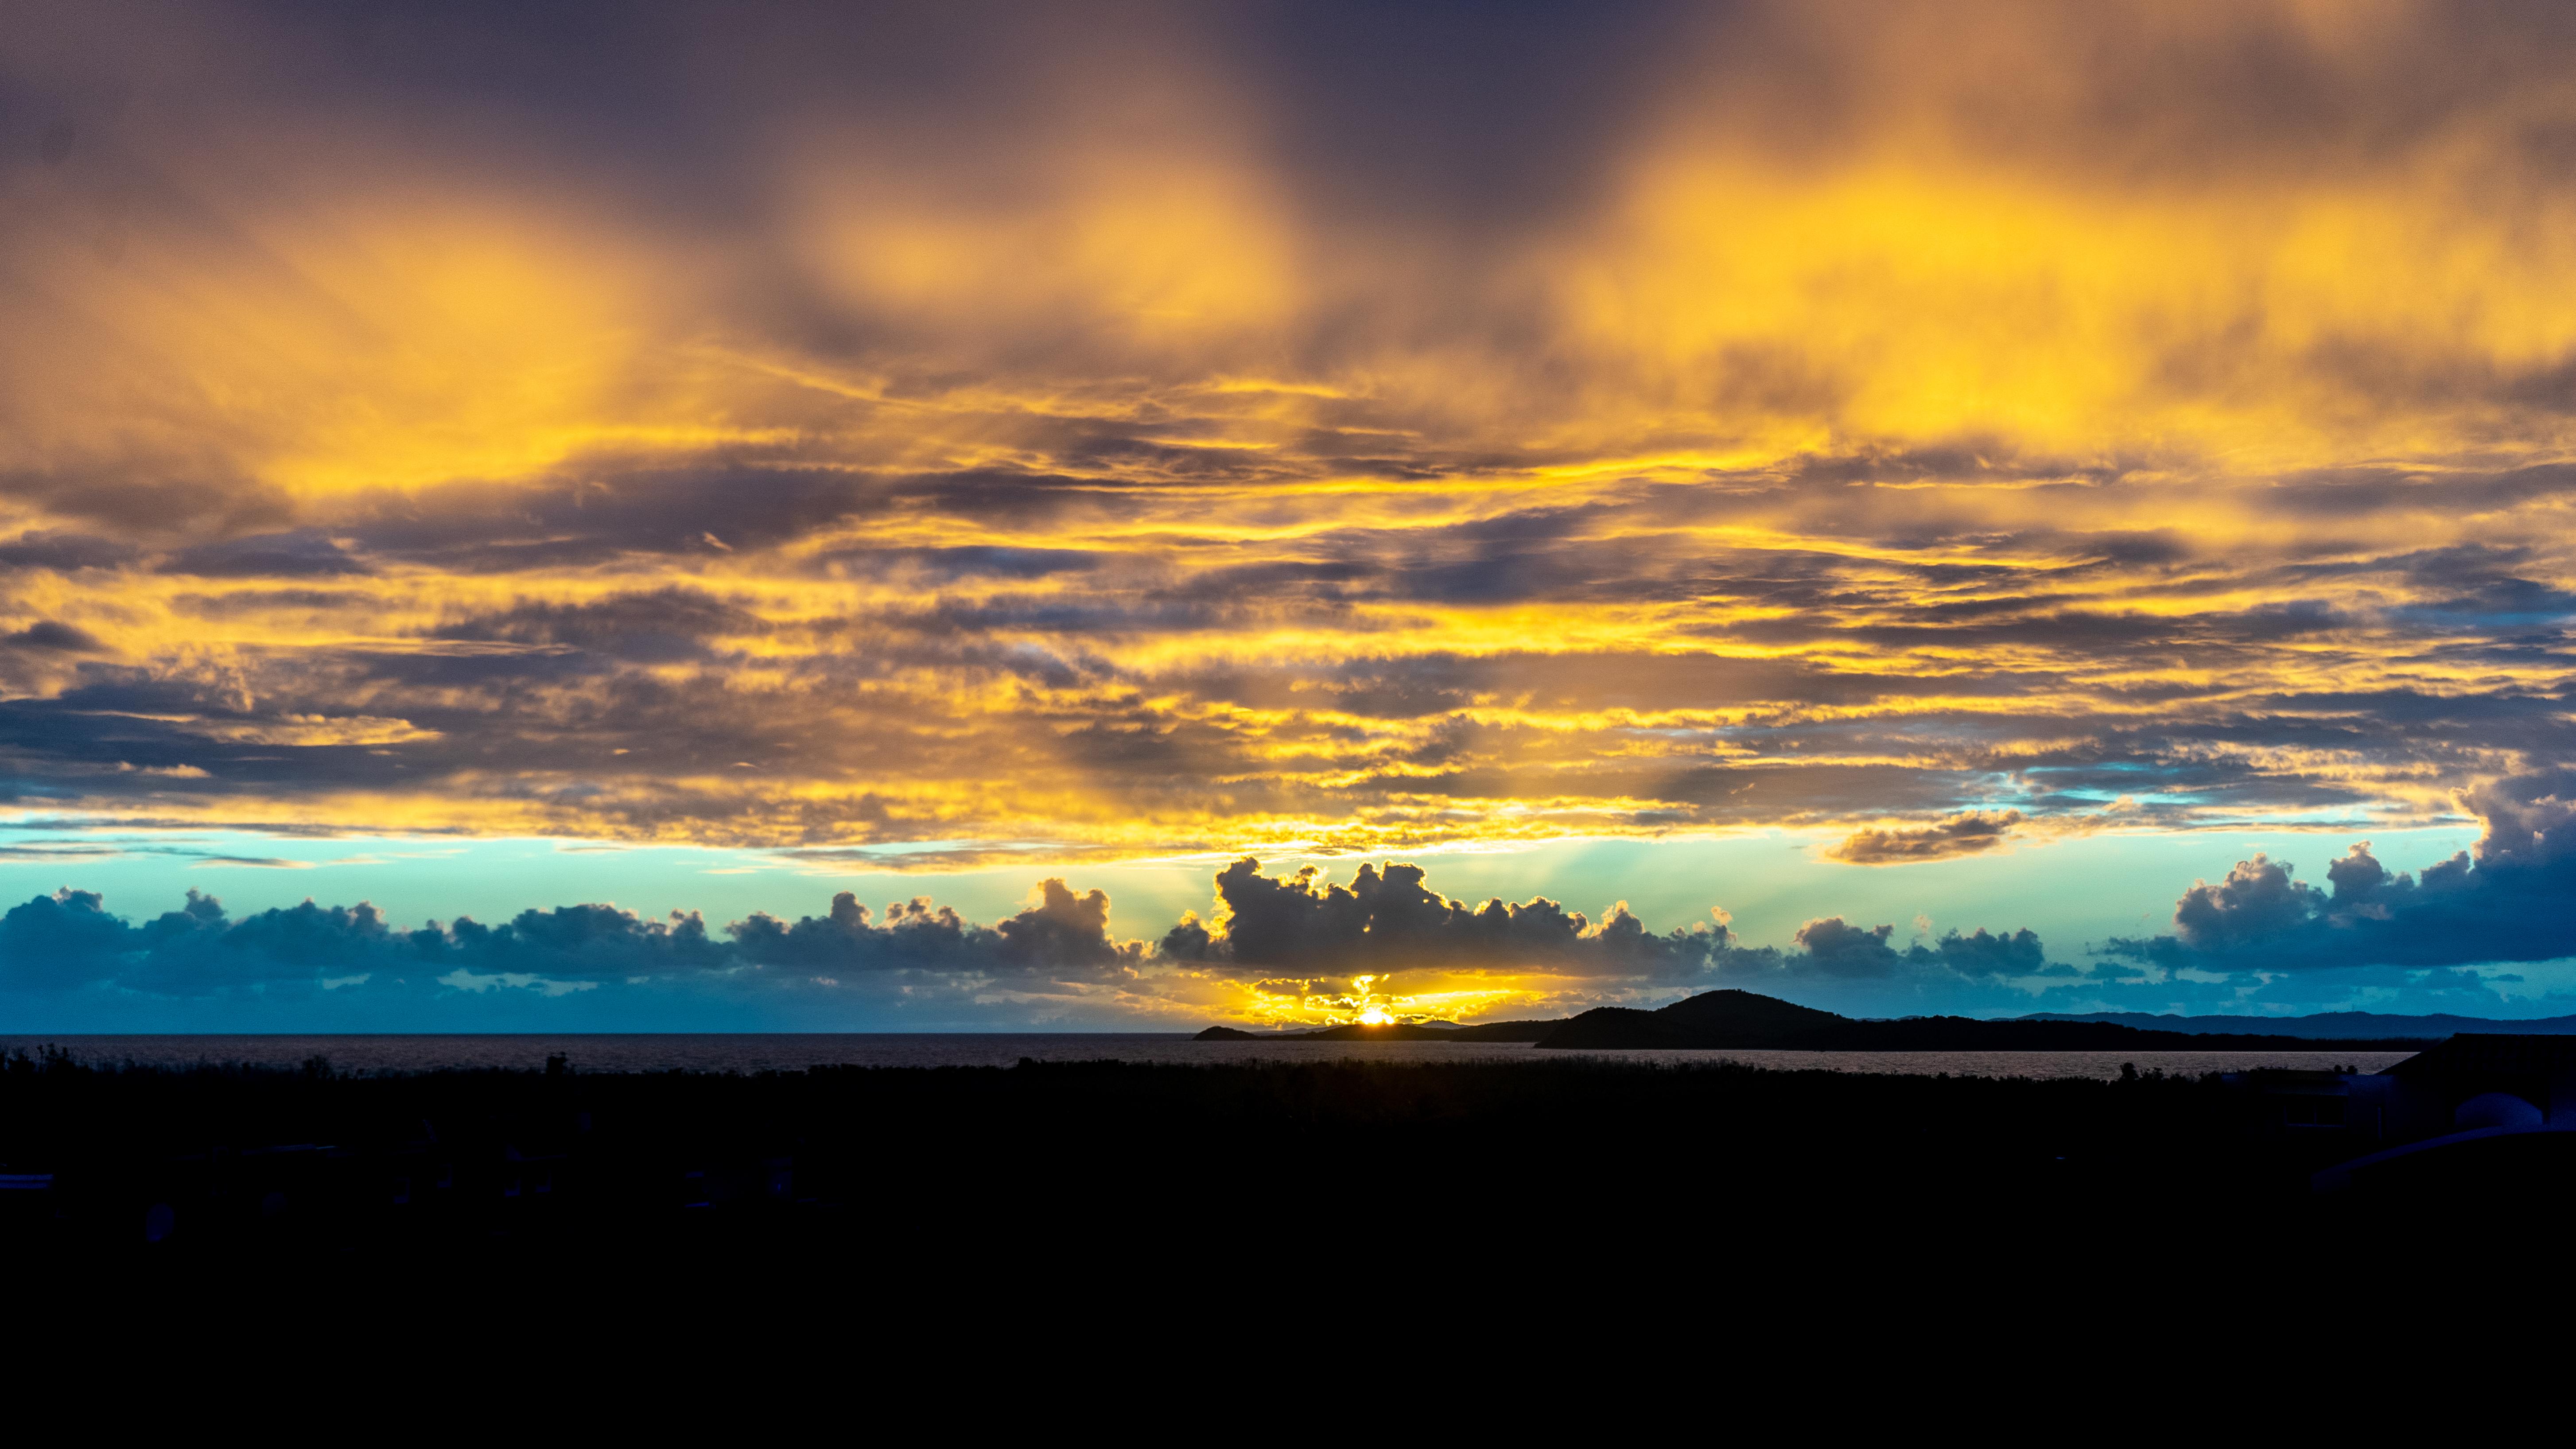 Sunrise over Culebra